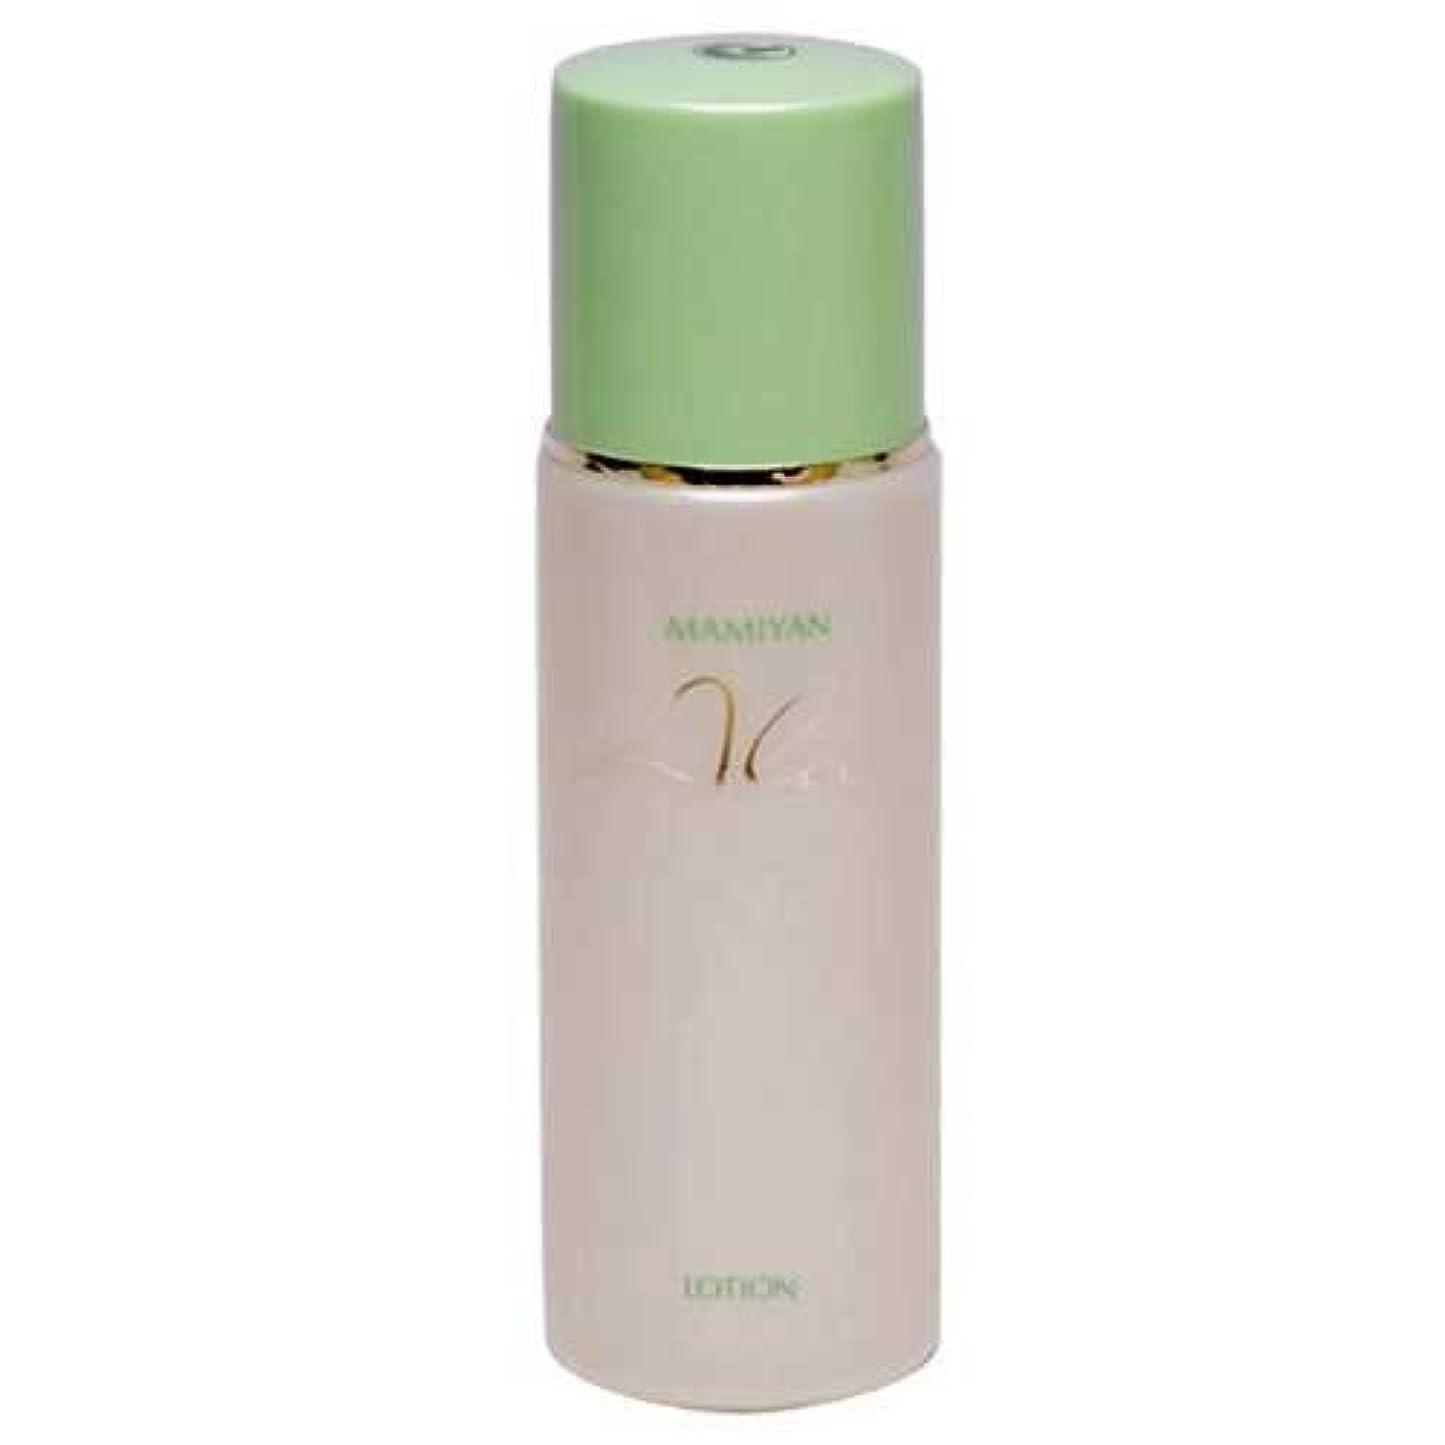 武器セレナシンプルさマミヤンアロエ基礎化粧品シリーズ アロエローション 120ml 肌にやさしくなじむ化粧水